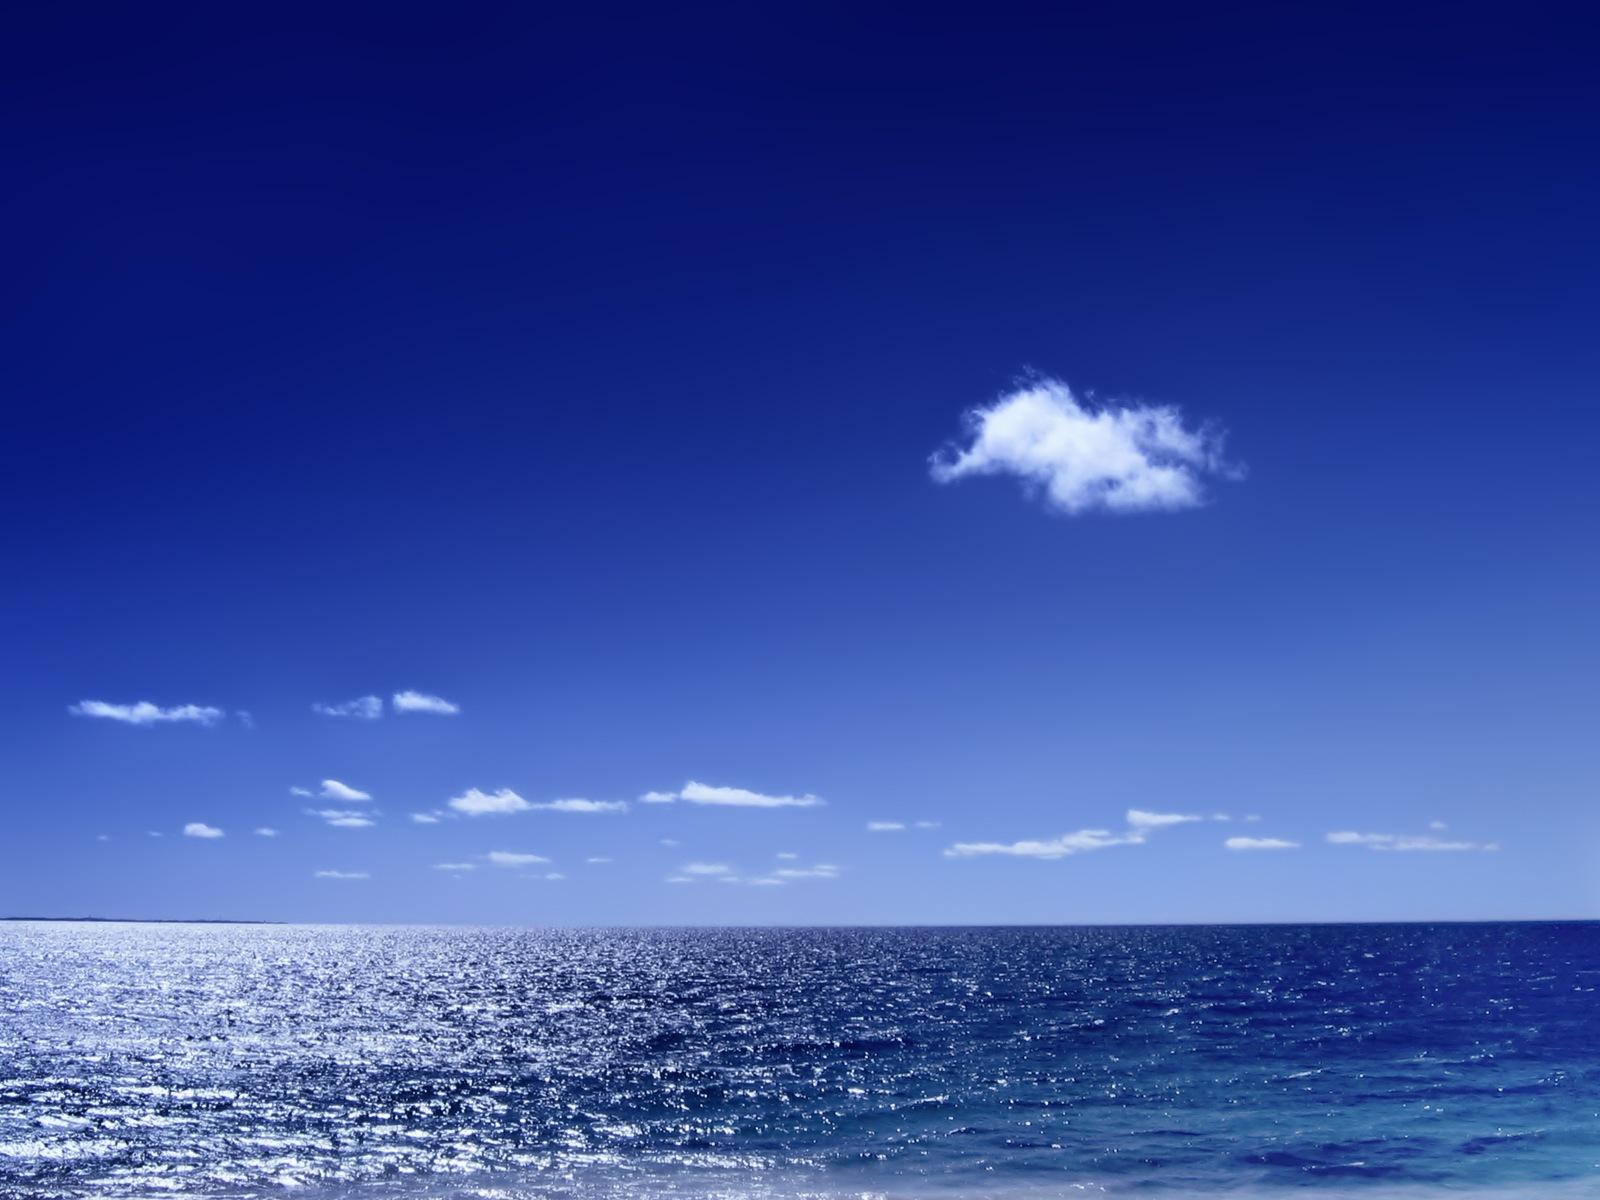 خلفيات وصور بحار احلي صور عن البحر hd (23)